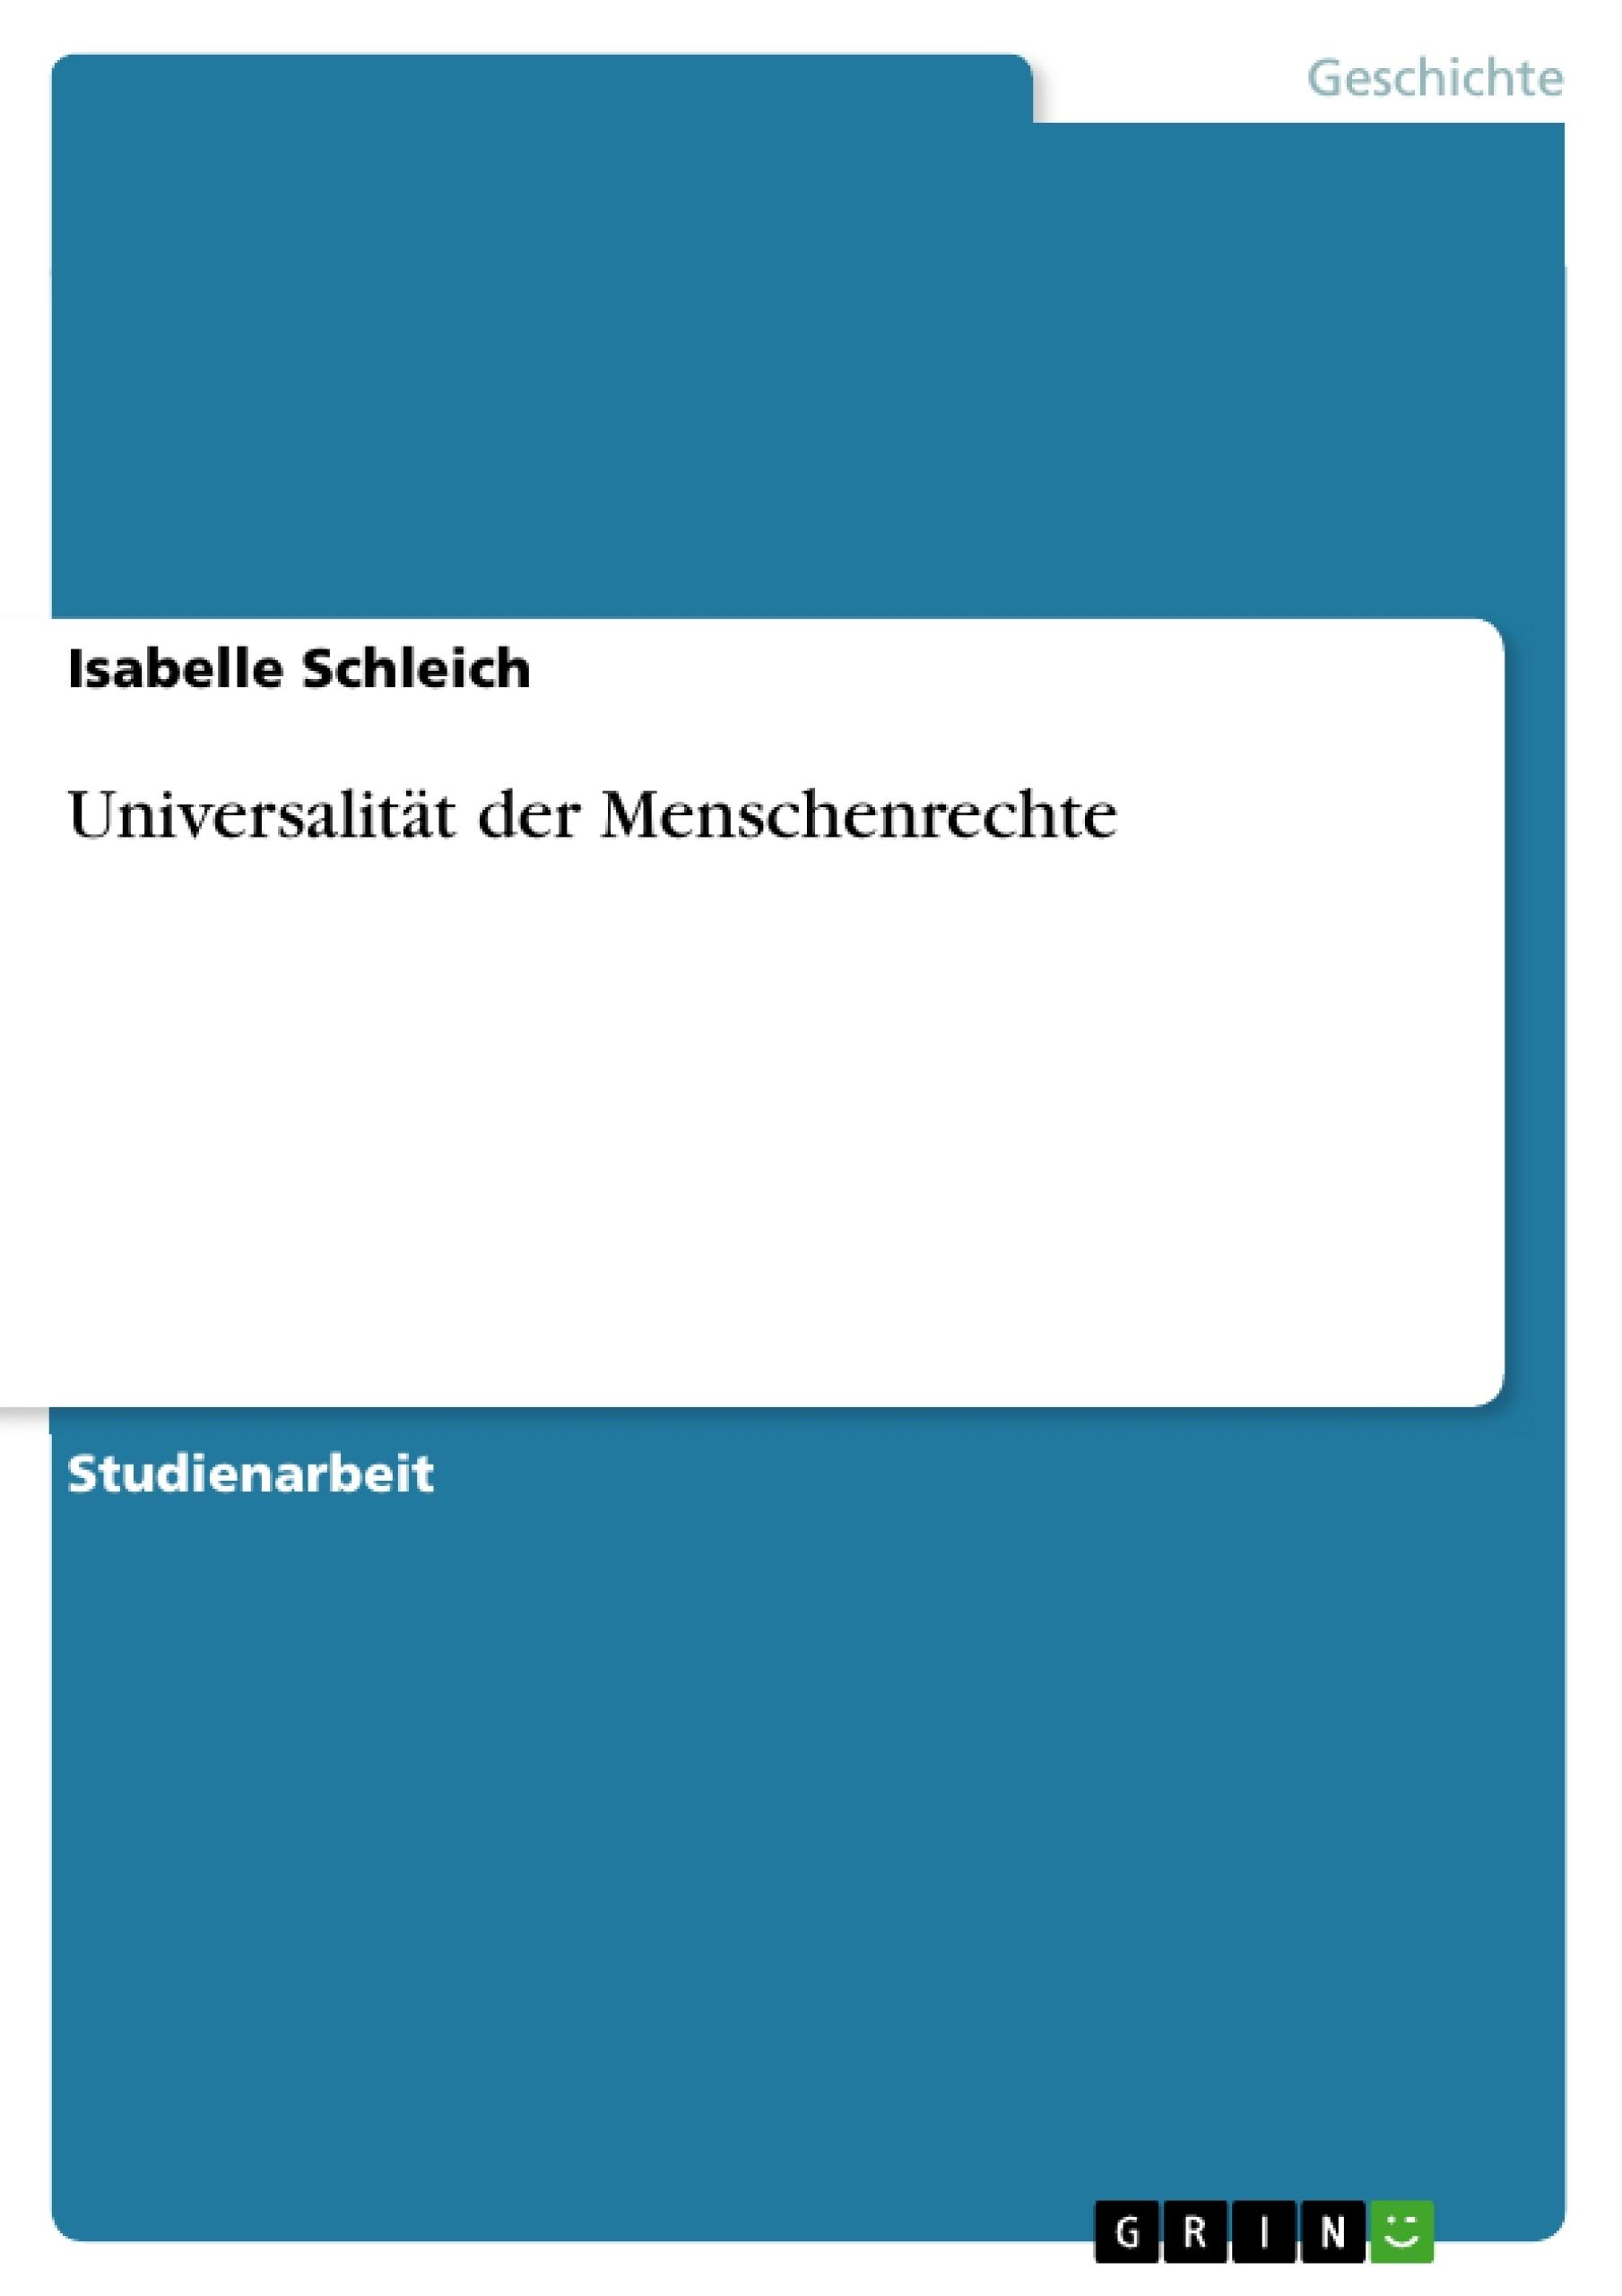 Titel: Universalität der Menschenrechte